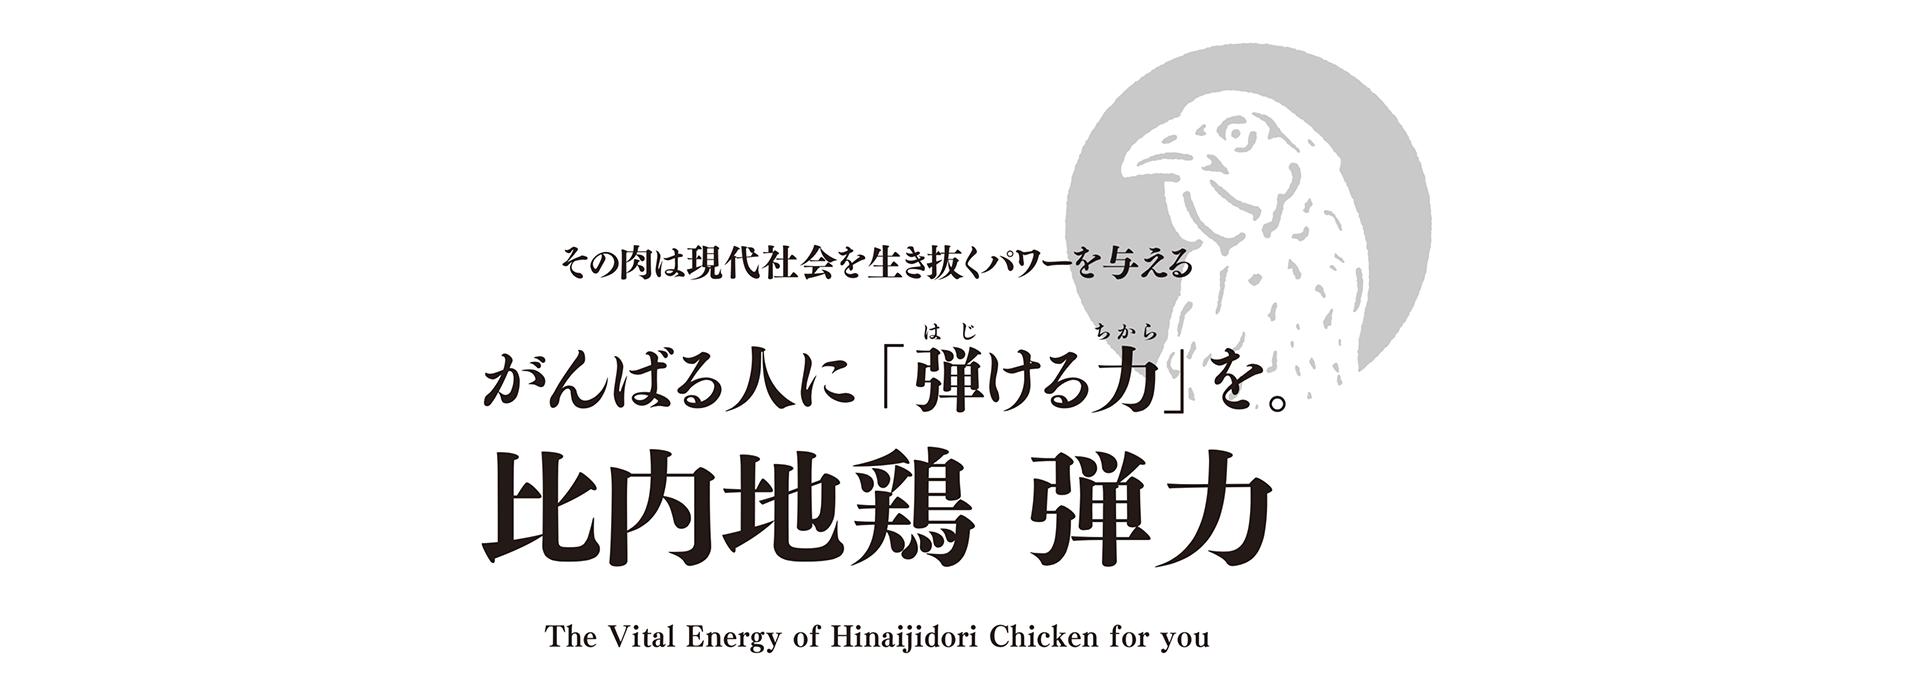 その肉は現代社会を生き抜くパワーを与える がんばる人に「弾ける力」を。比内地鶏 弾力